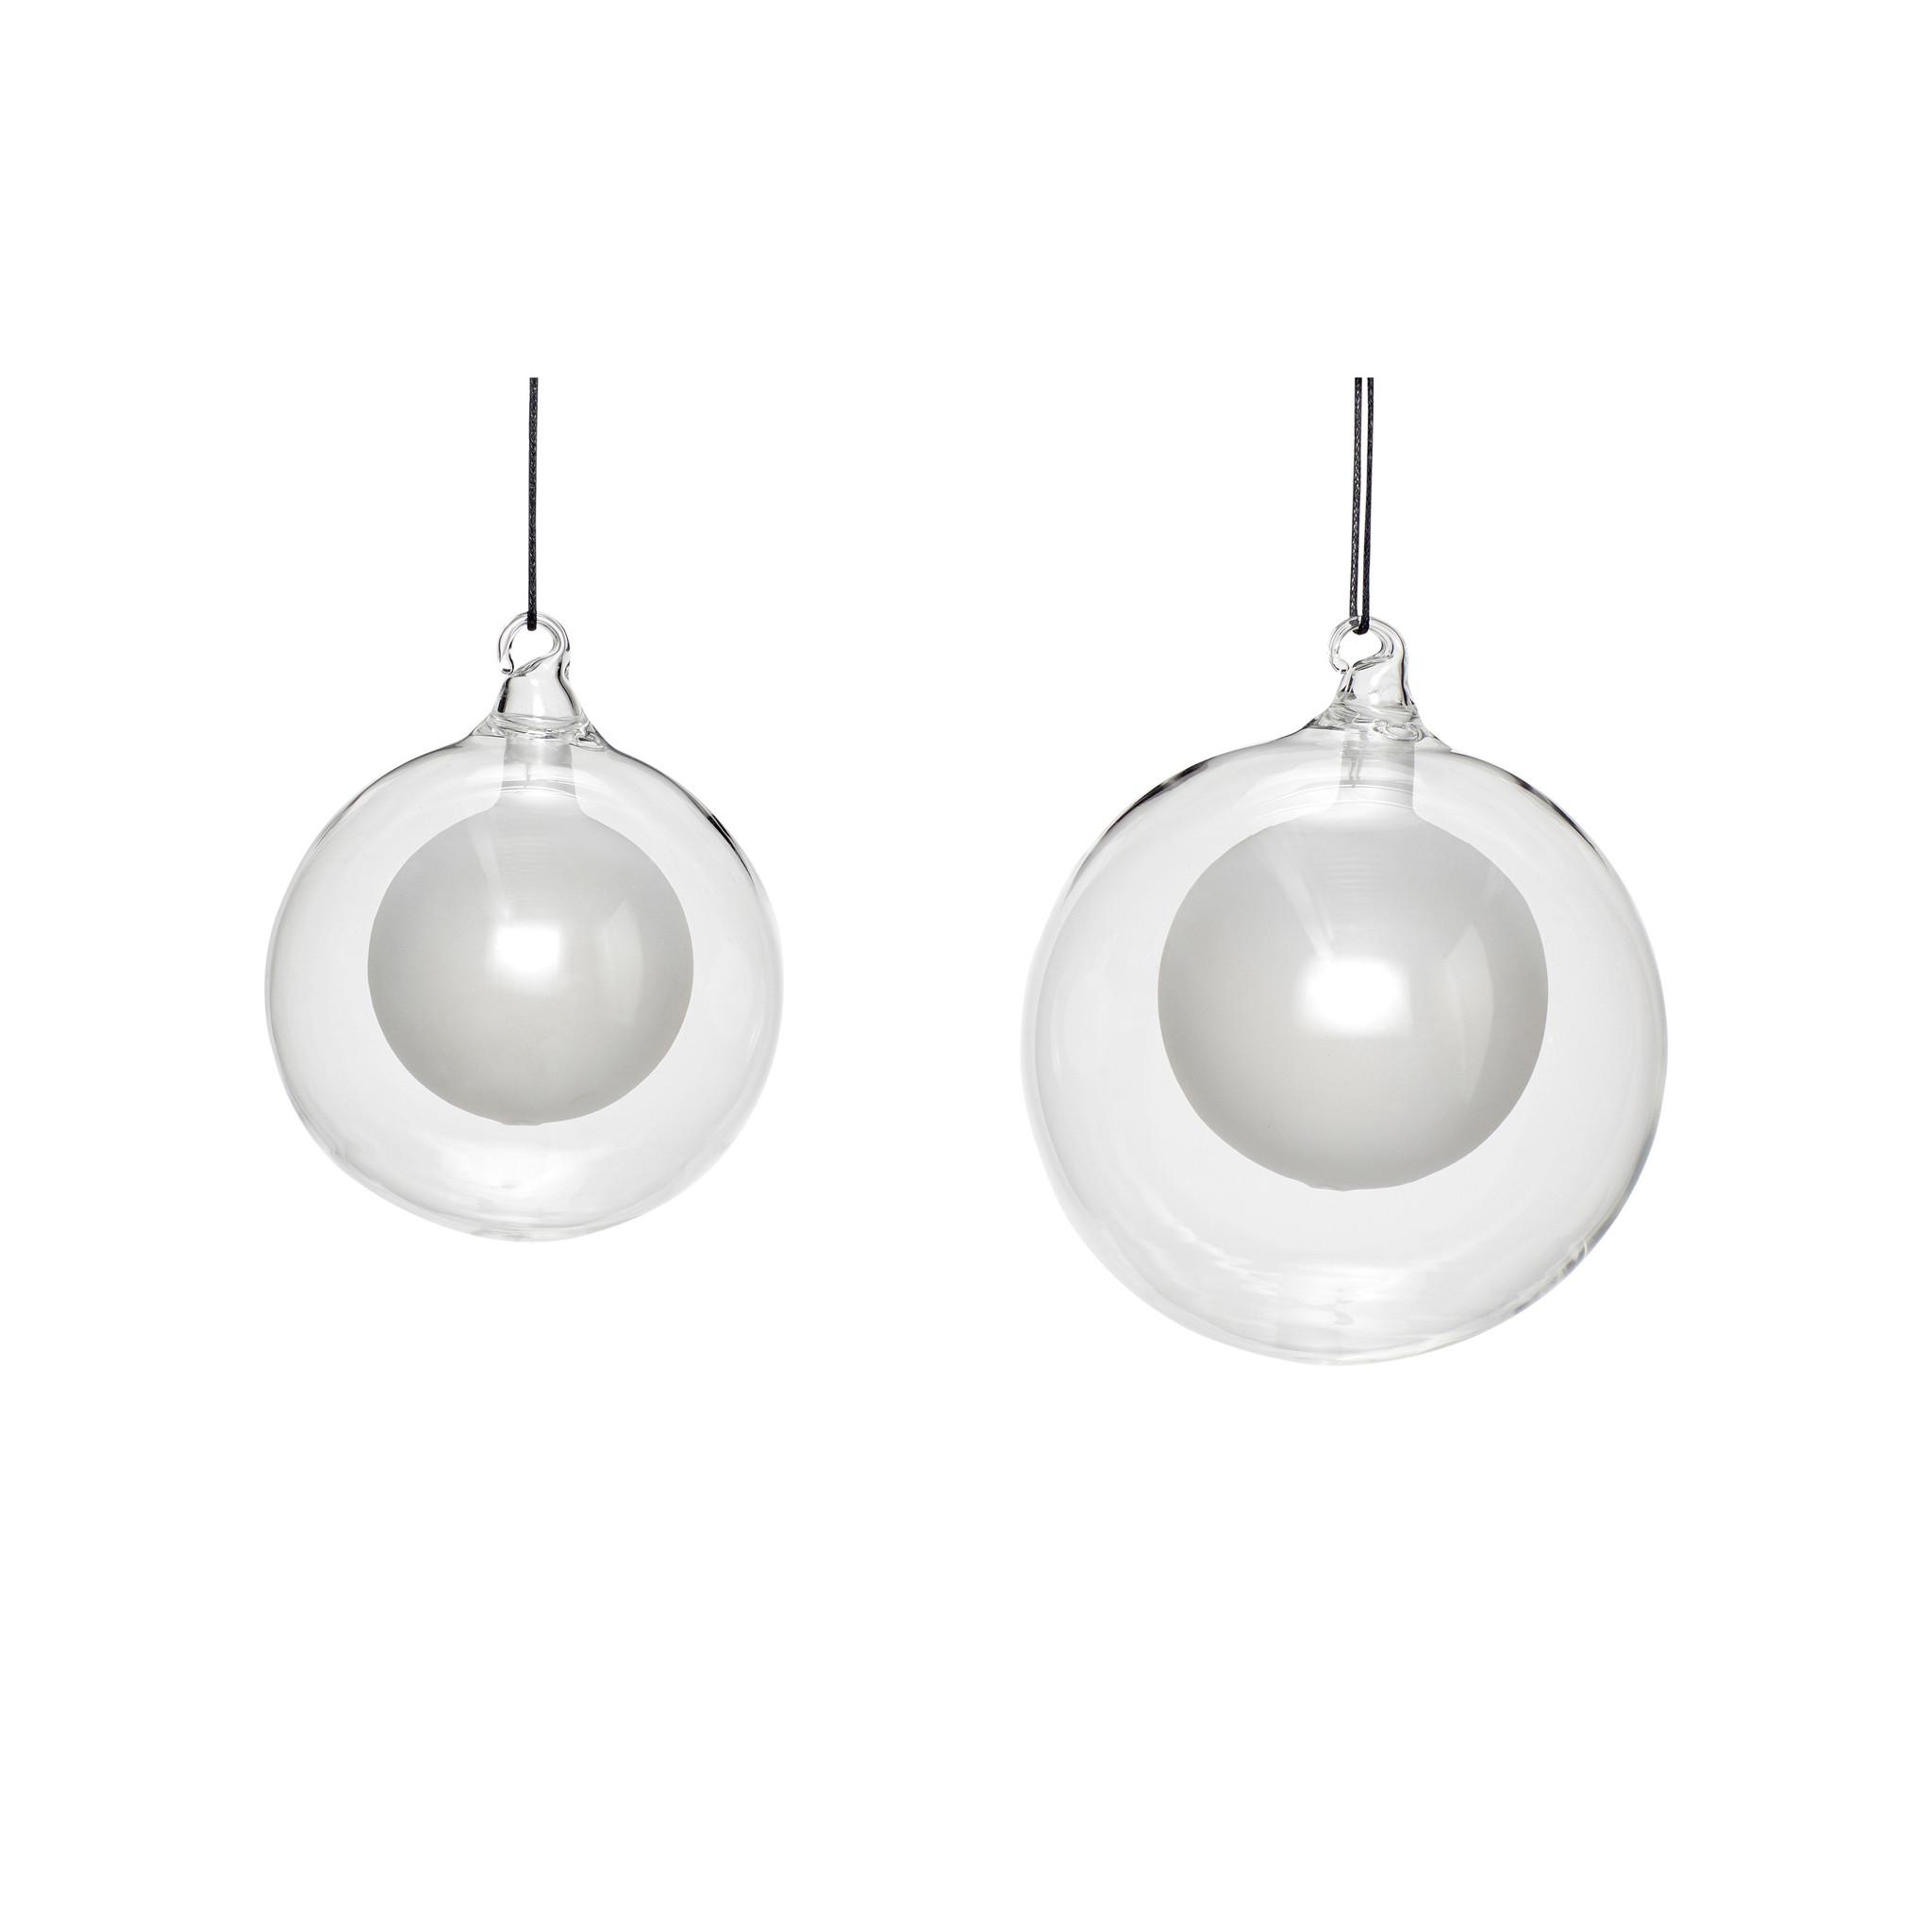 Hubsch Kerstbal, helder / wit, set van 2